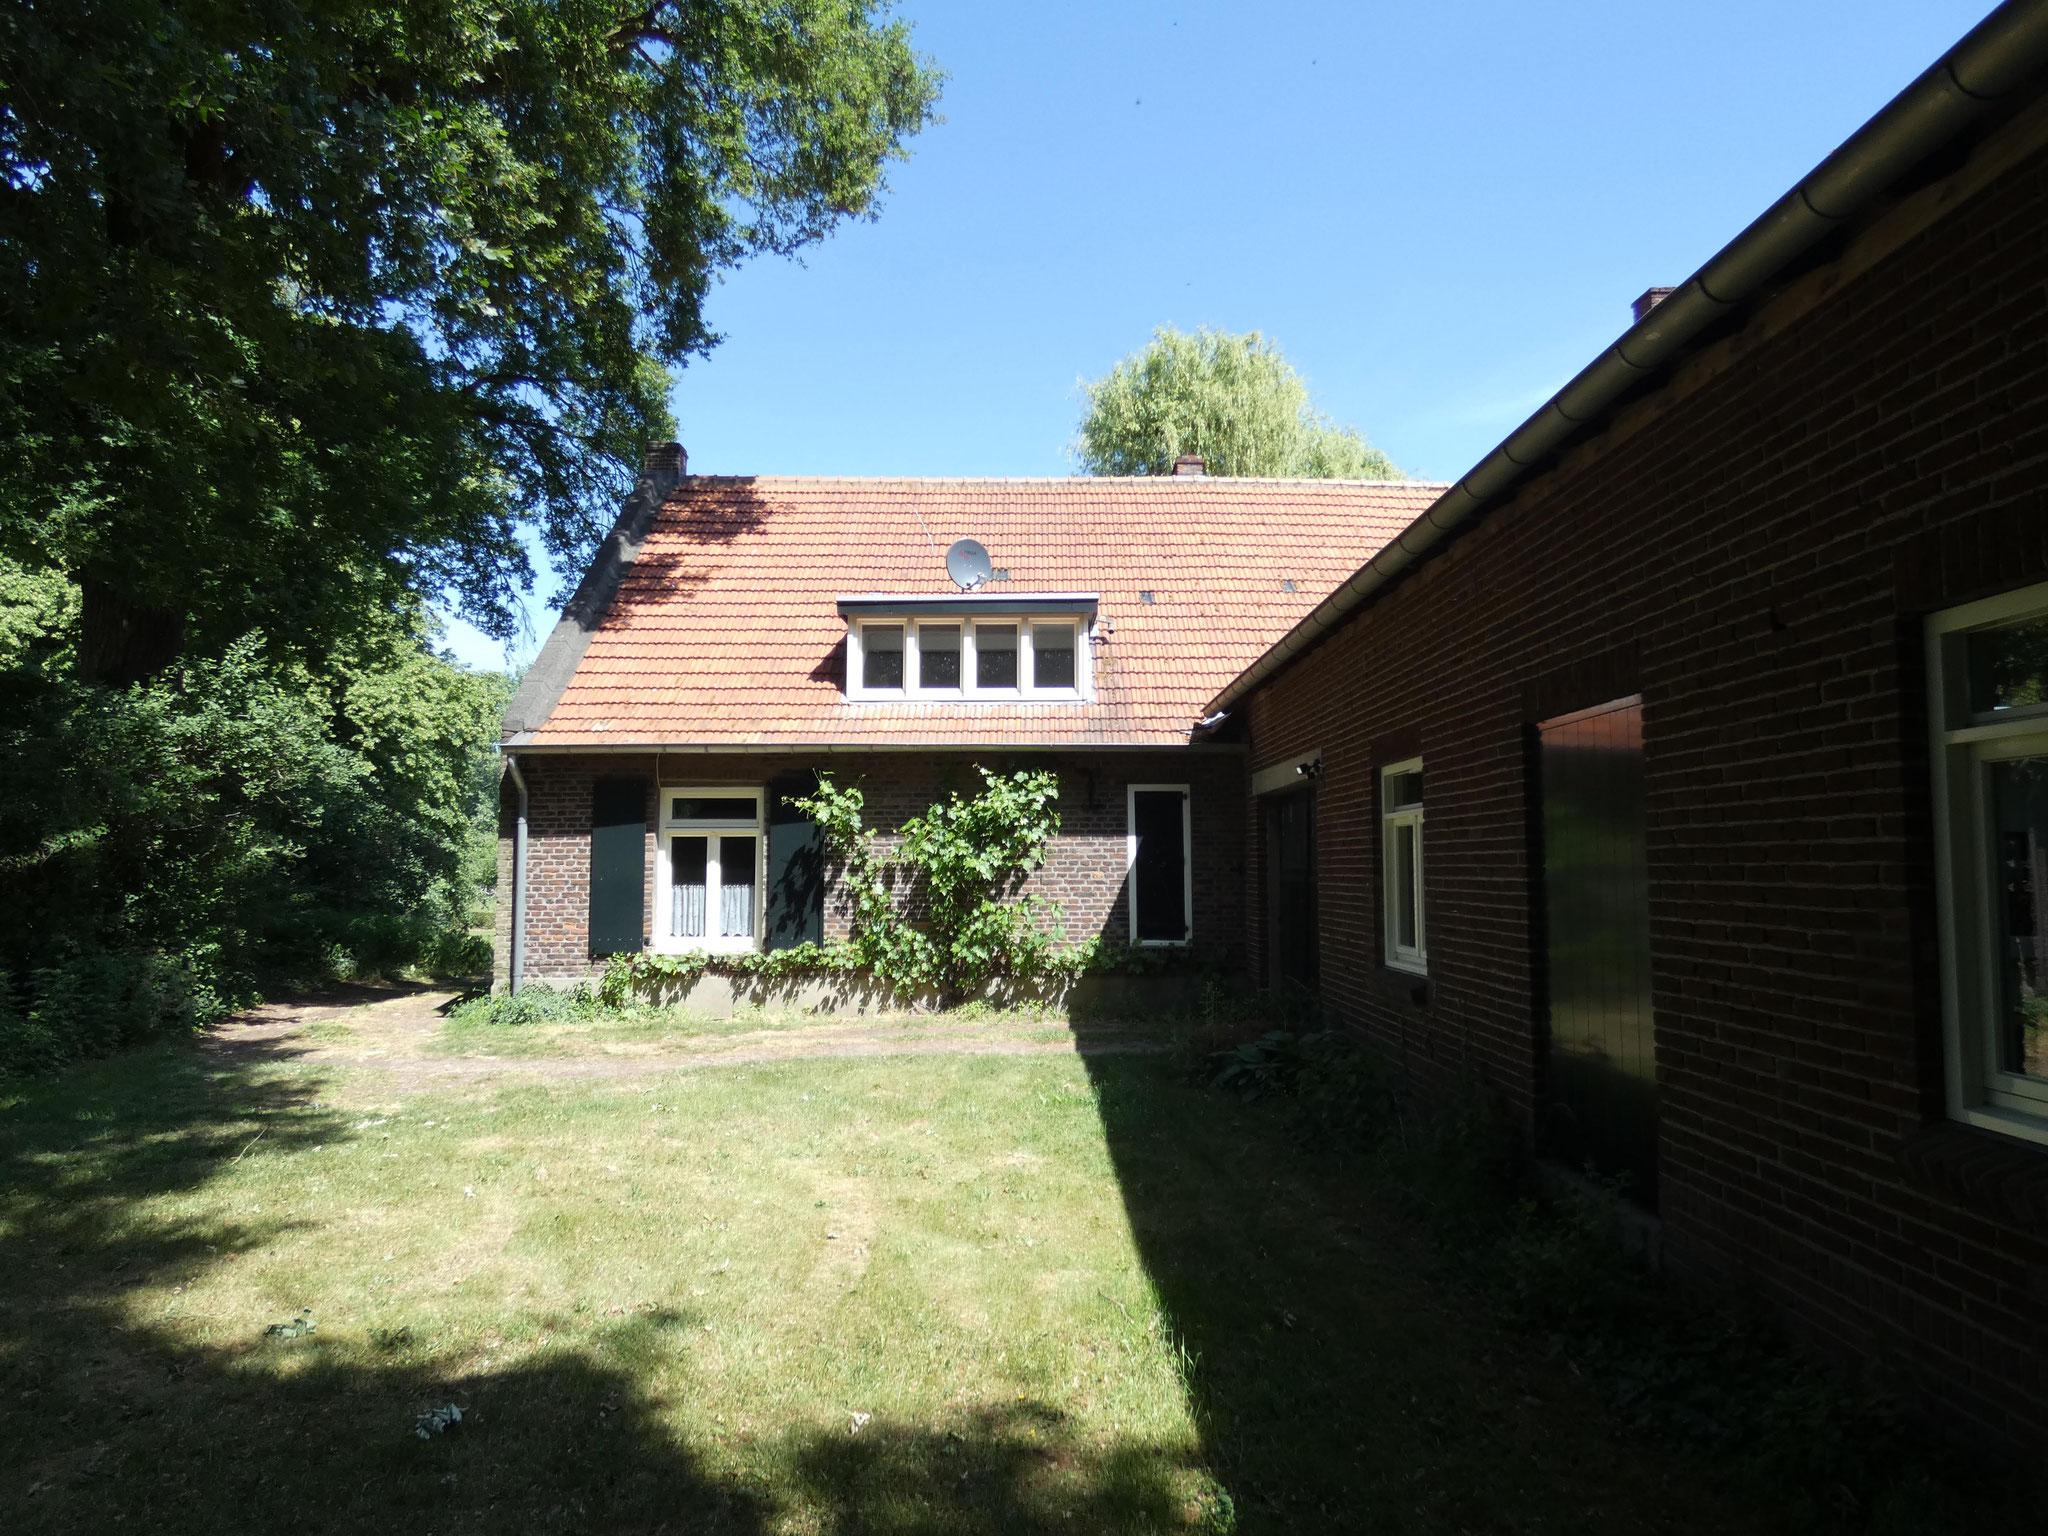 De zuidgevel van de boerderijvleugel van Stockxhof. Rechts de stalvleugel uit 1950.